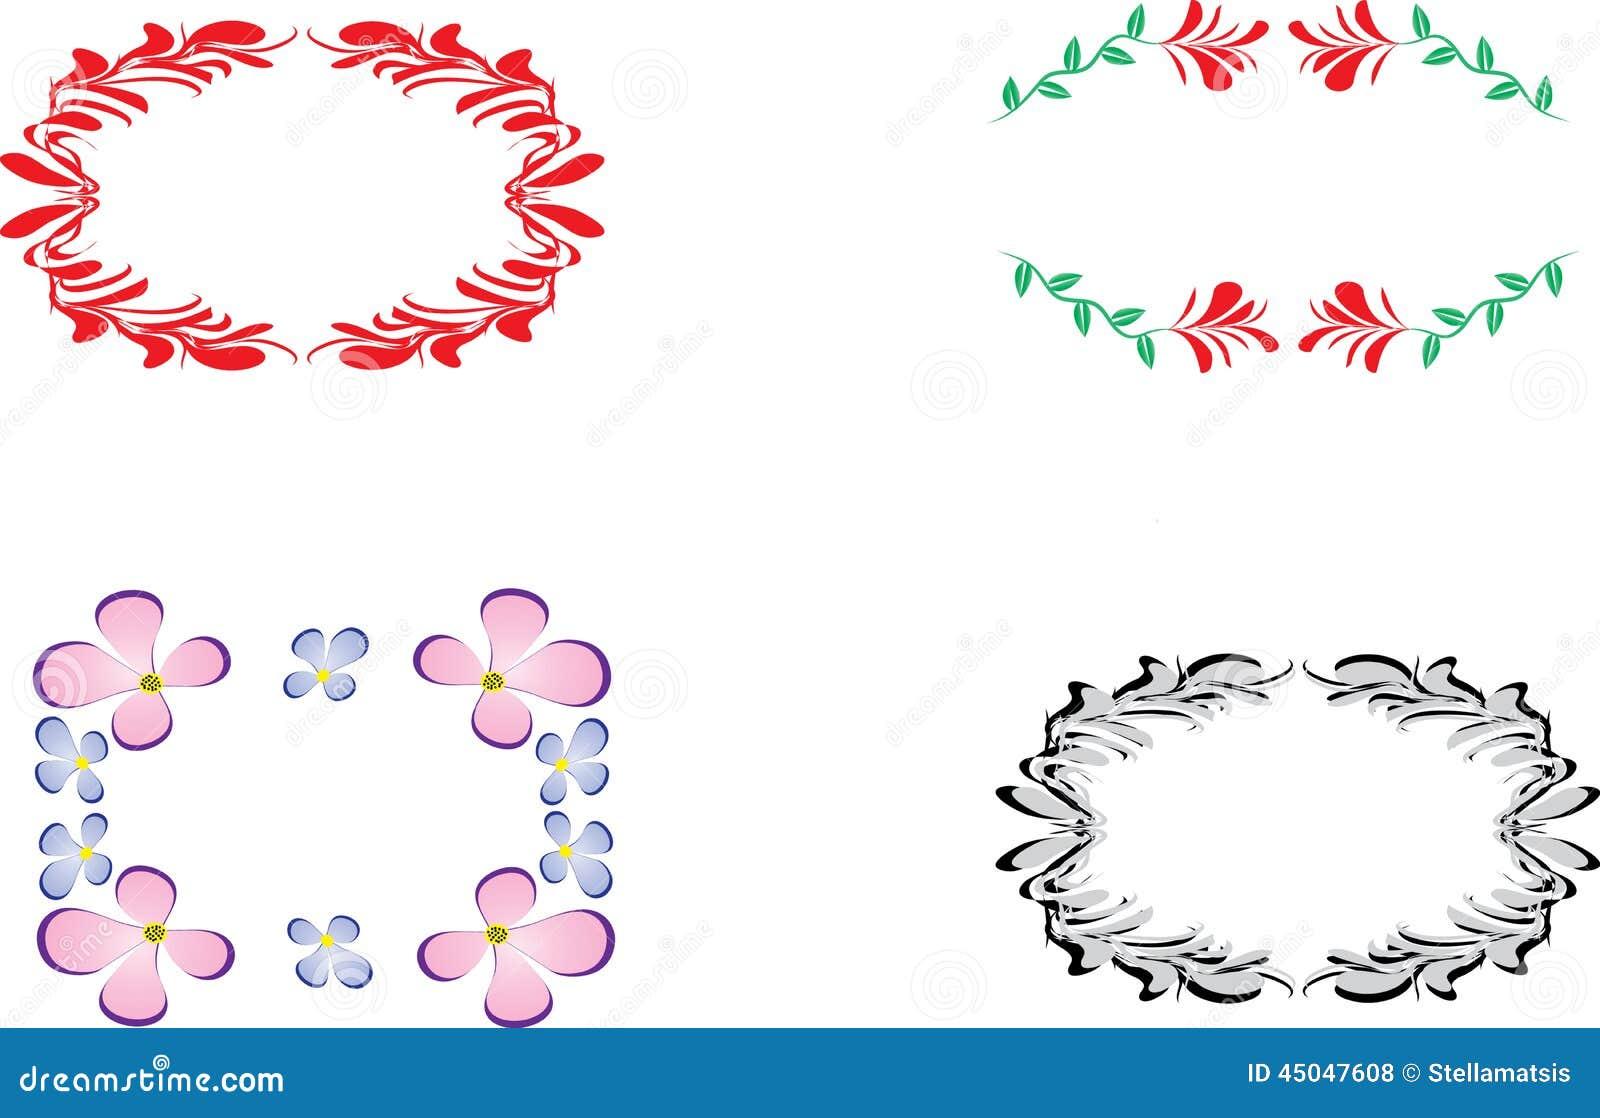 c48542e6eb Decorative frames stock vector. Illustration of decorative - 45047608